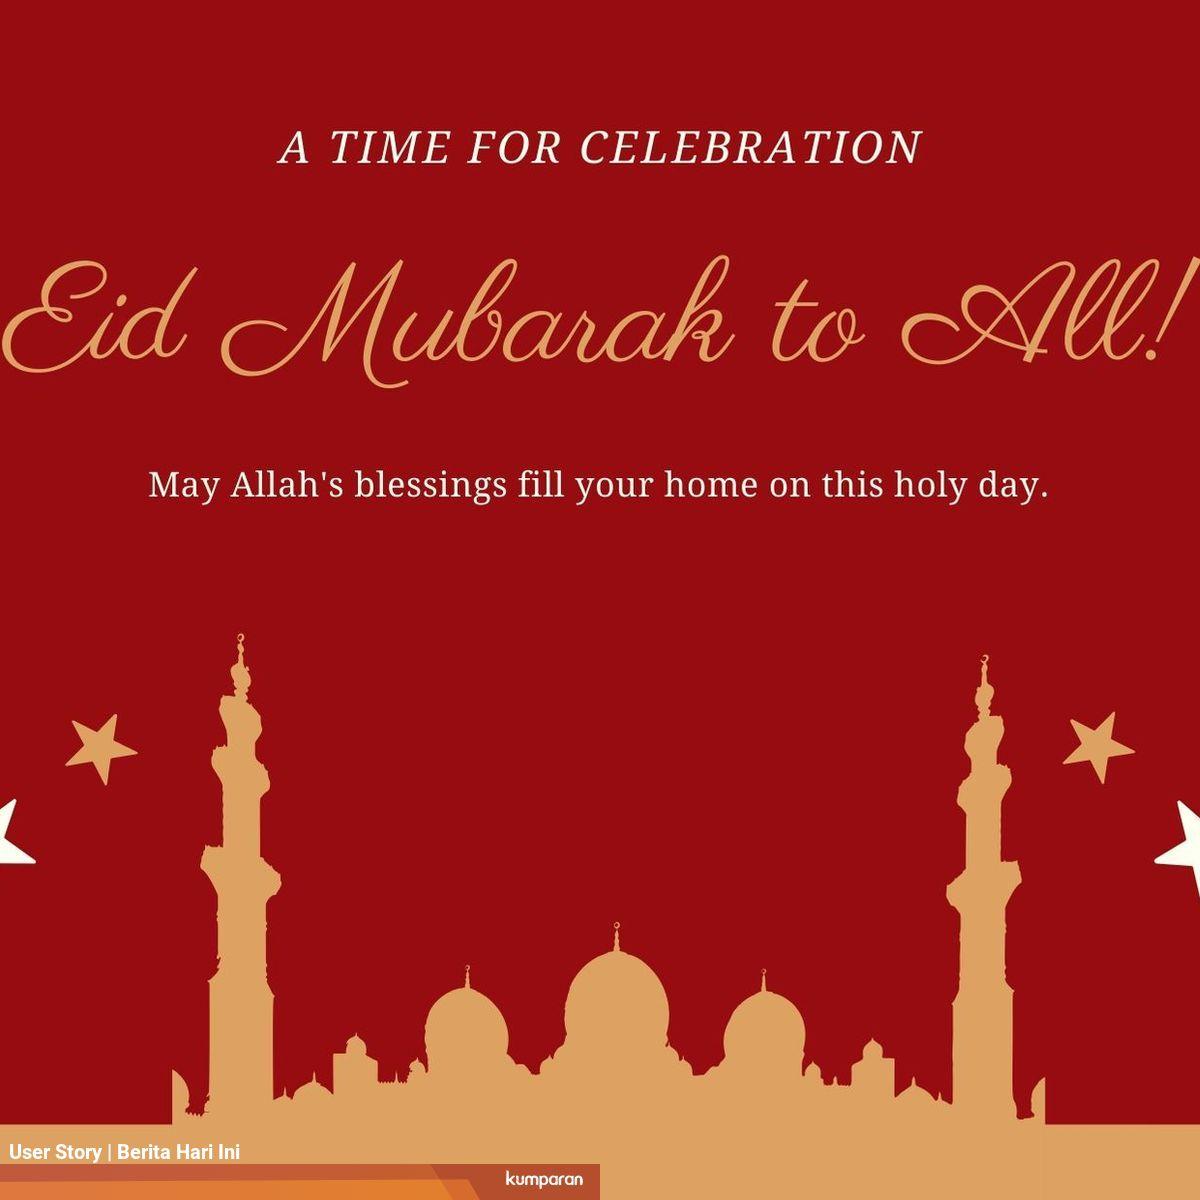 Ucapan Hari Raya Idul Fitri 2020 Edit Foto - kartu ucapan ...